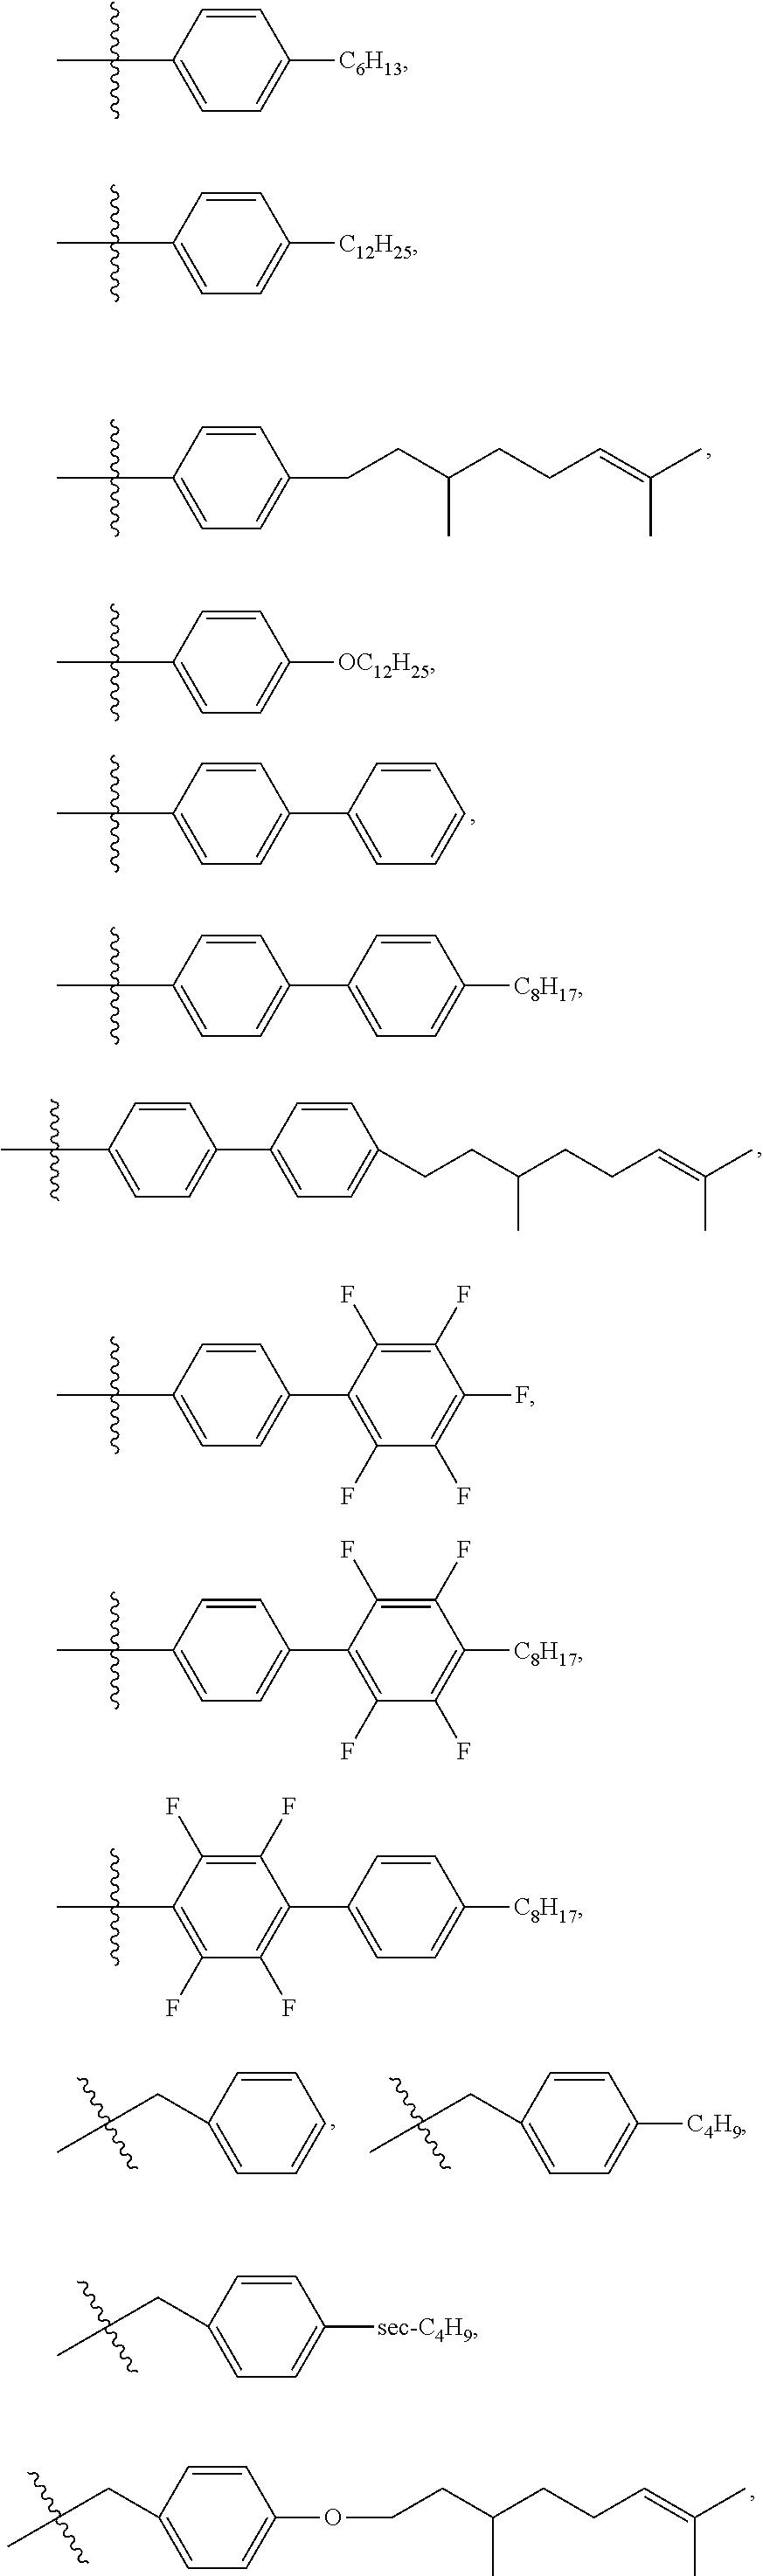 Figure US08329855-20121211-C00018